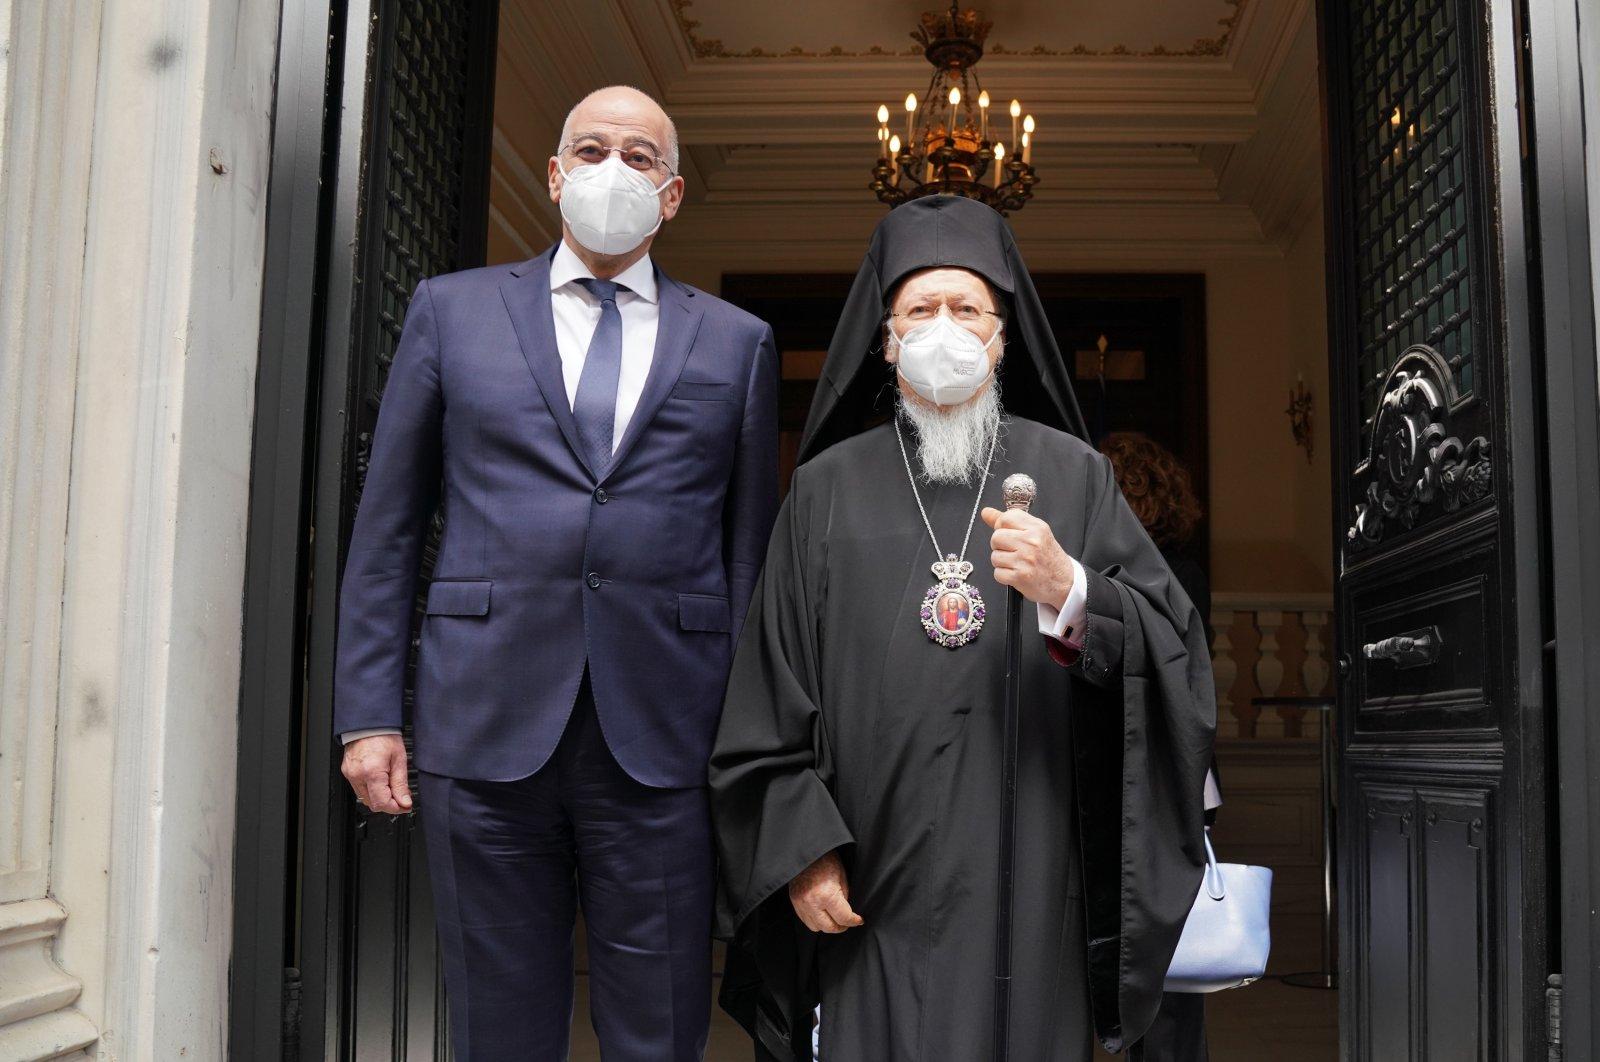 Greek Foreign Minister Nikos Dendias meets withFener Greek Orthodox PatriarchBartholomew I in Istanbul, Turkey, April 14, 2021. (DHA)